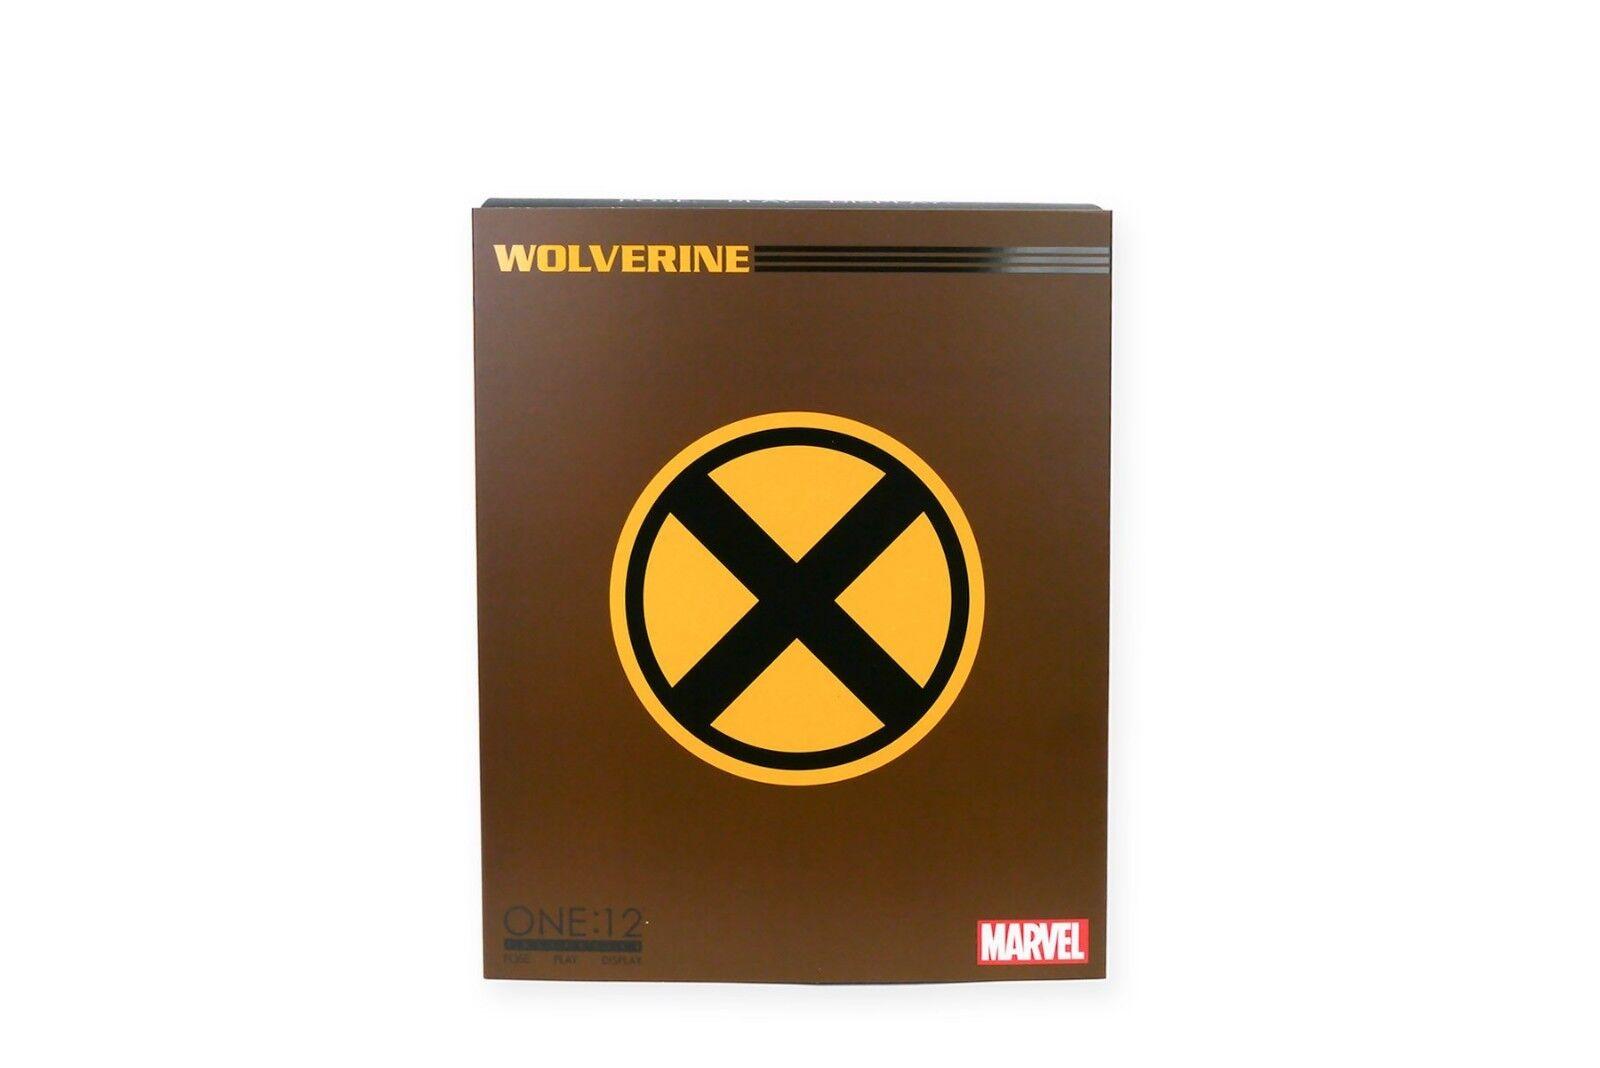 One  12 Marvel Comics X-Men The Wolverine Logan Action Figure Mezco 1 12 15cm